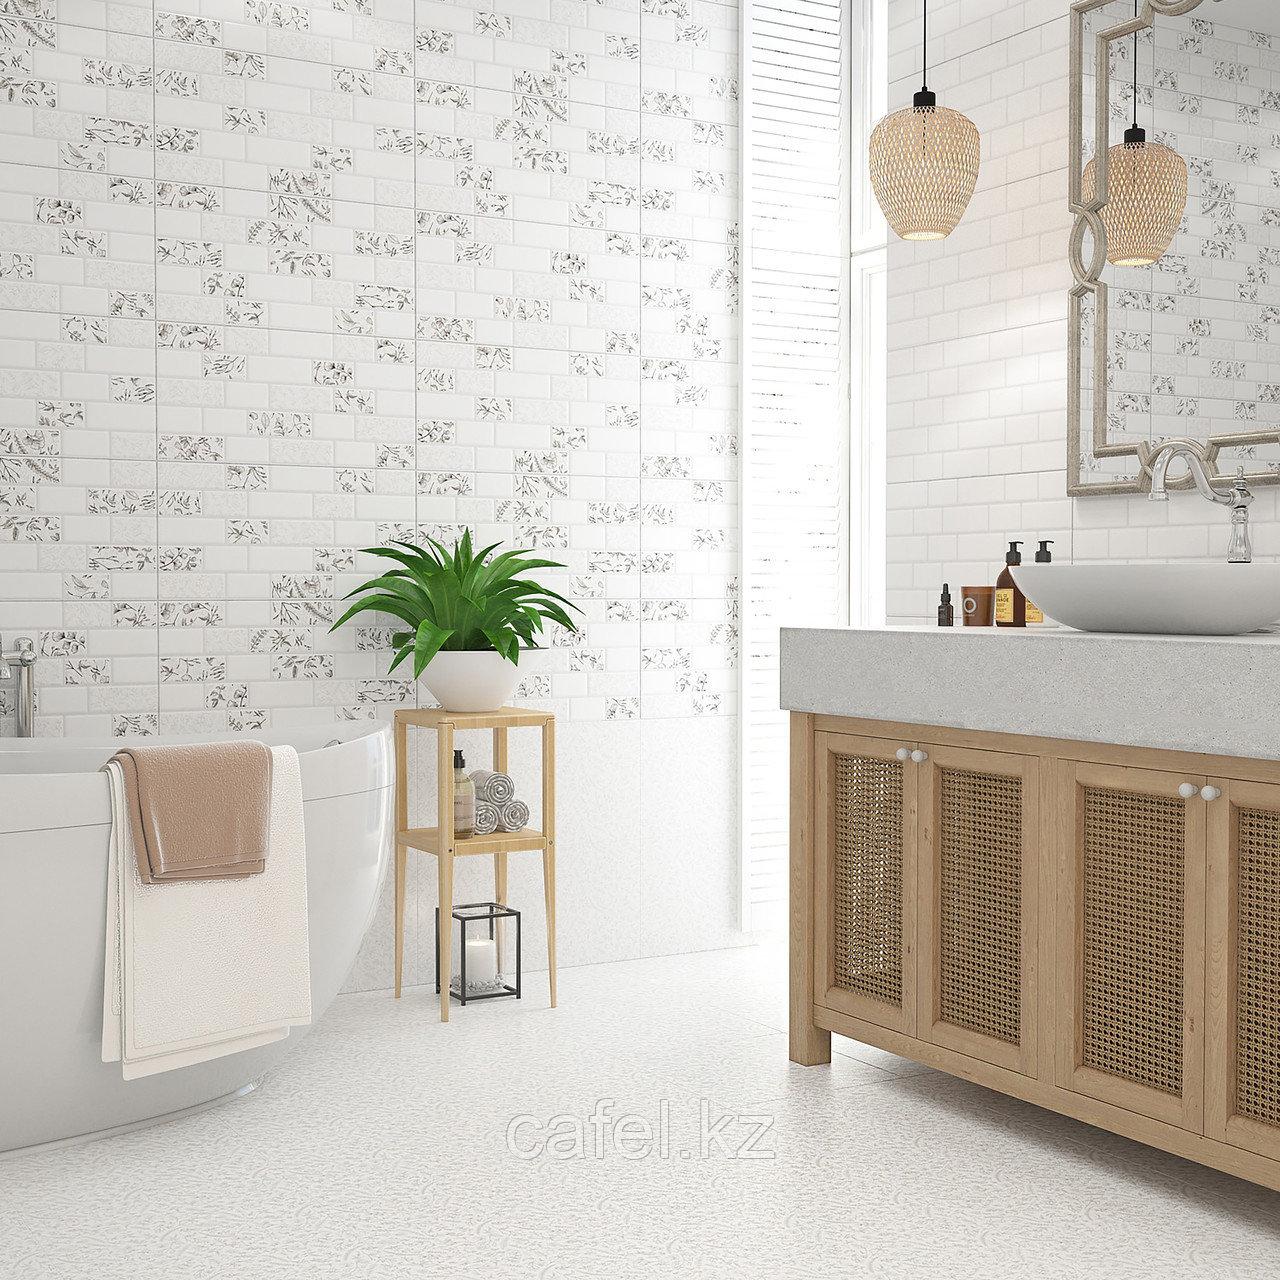 Кафель | Плитка настенная 30х60 Мирабель | Mirabel